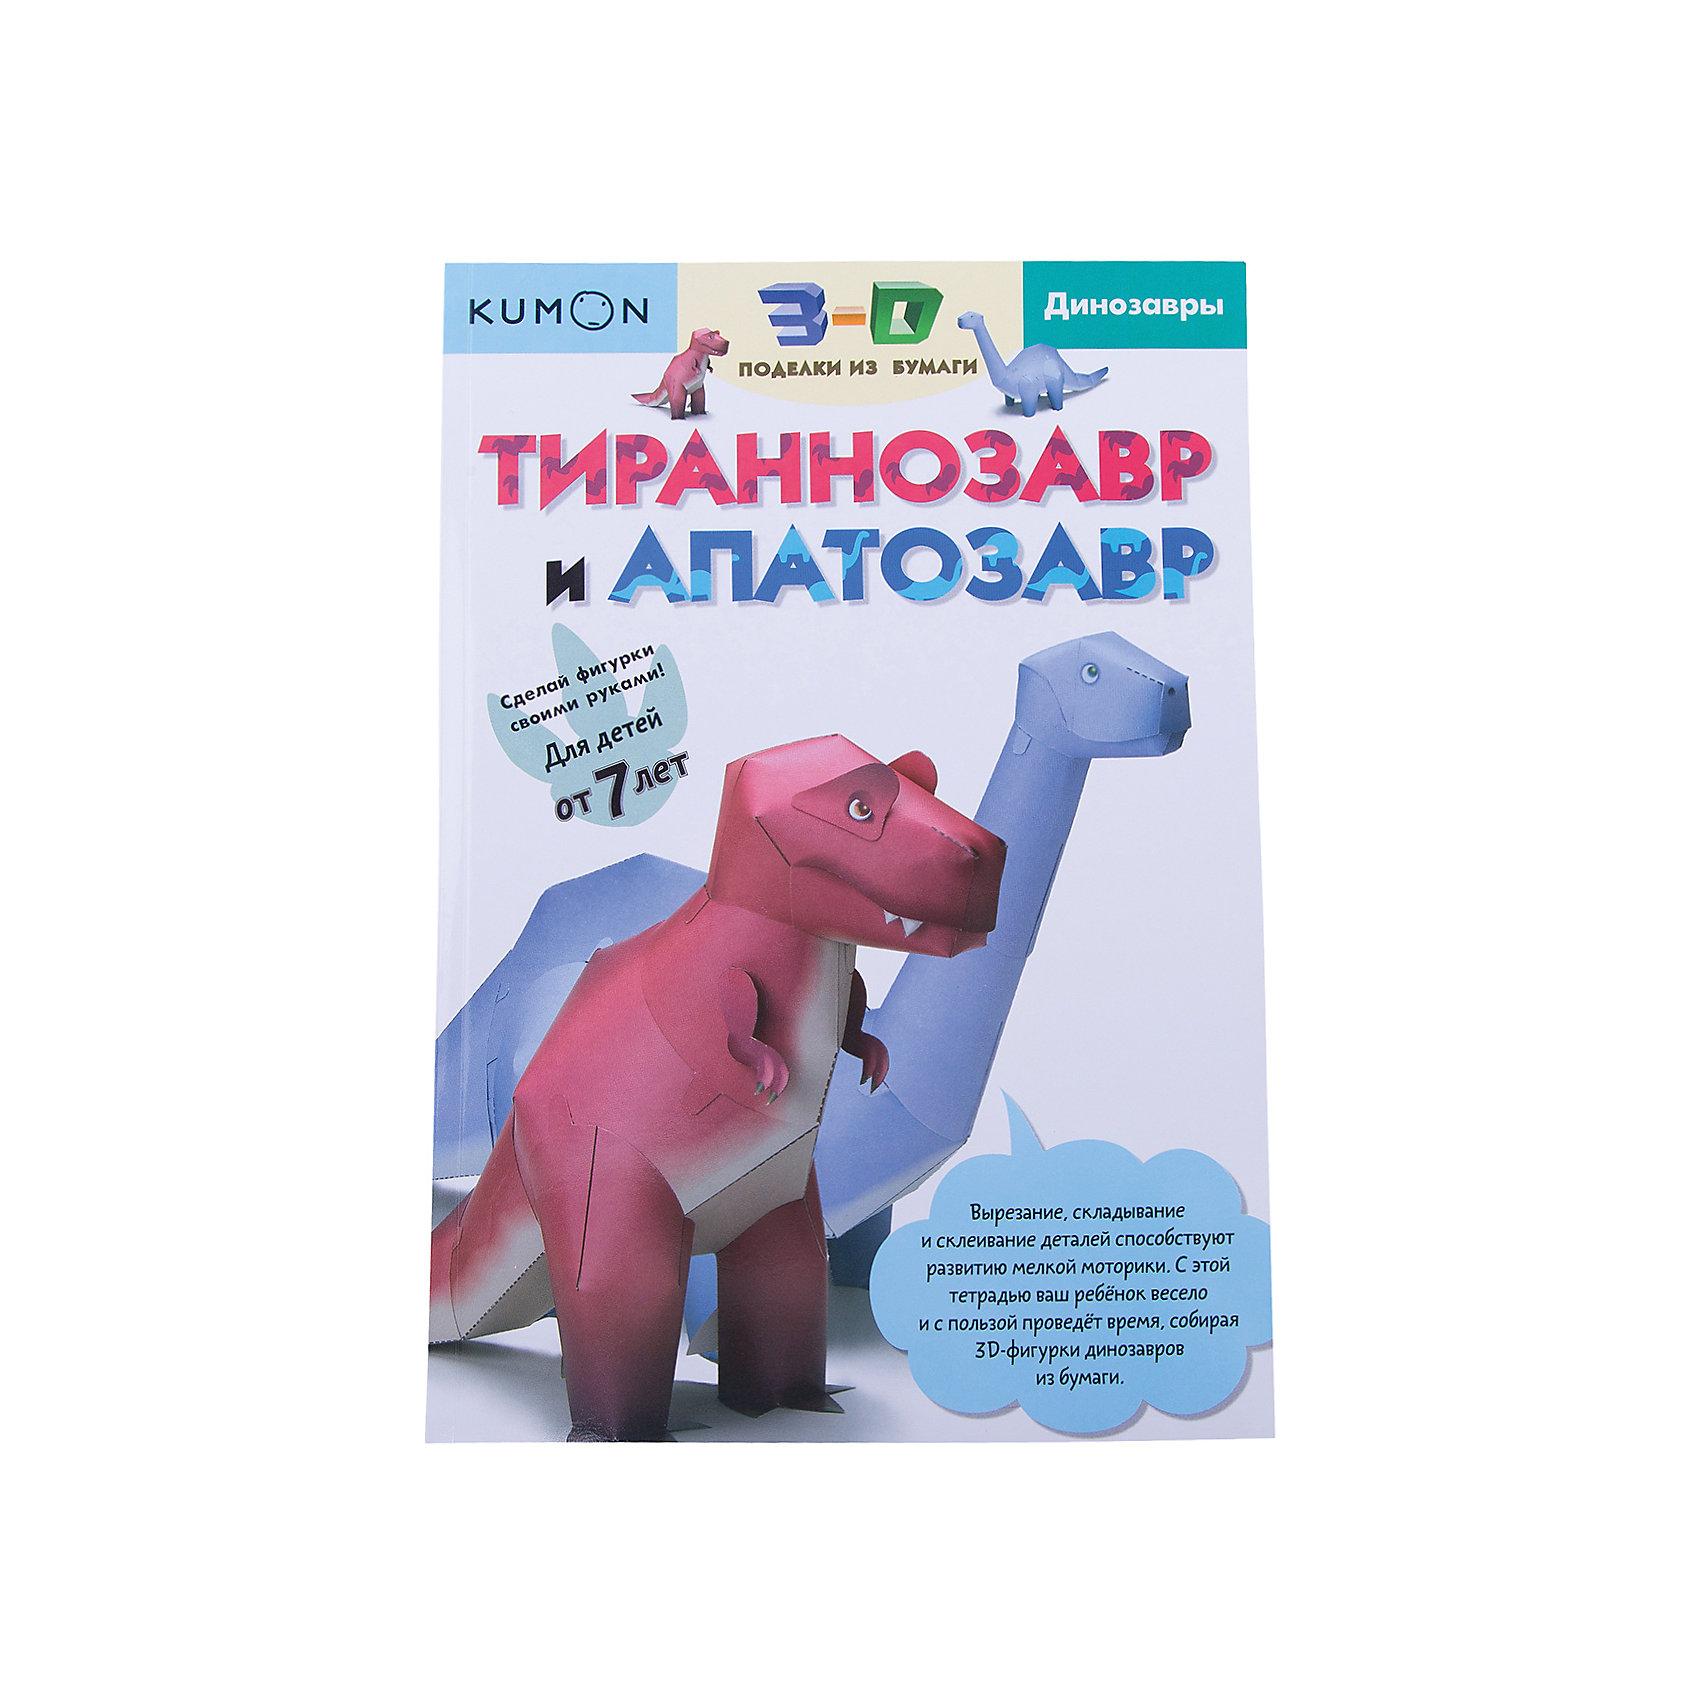 Тетрадь 3D поделки из бумаги: Тираннозавр и апатозаврКниги для развития творческих навыков<br>Вместе с тетрадью «Тираннозавр и апатозавр» ваш ребёнок будет развивать мелкую моторику и пространственное мышление, собирая из бумаги фигурки этих животных.<br><br>Ширина мм: 297<br>Глубина мм: 210<br>Высота мм: 50<br>Вес г: 240<br>Возраст от месяцев: 84<br>Возраст до месяцев: 168<br>Пол: Унисекс<br>Возраст: Детский<br>SKU: 5535168